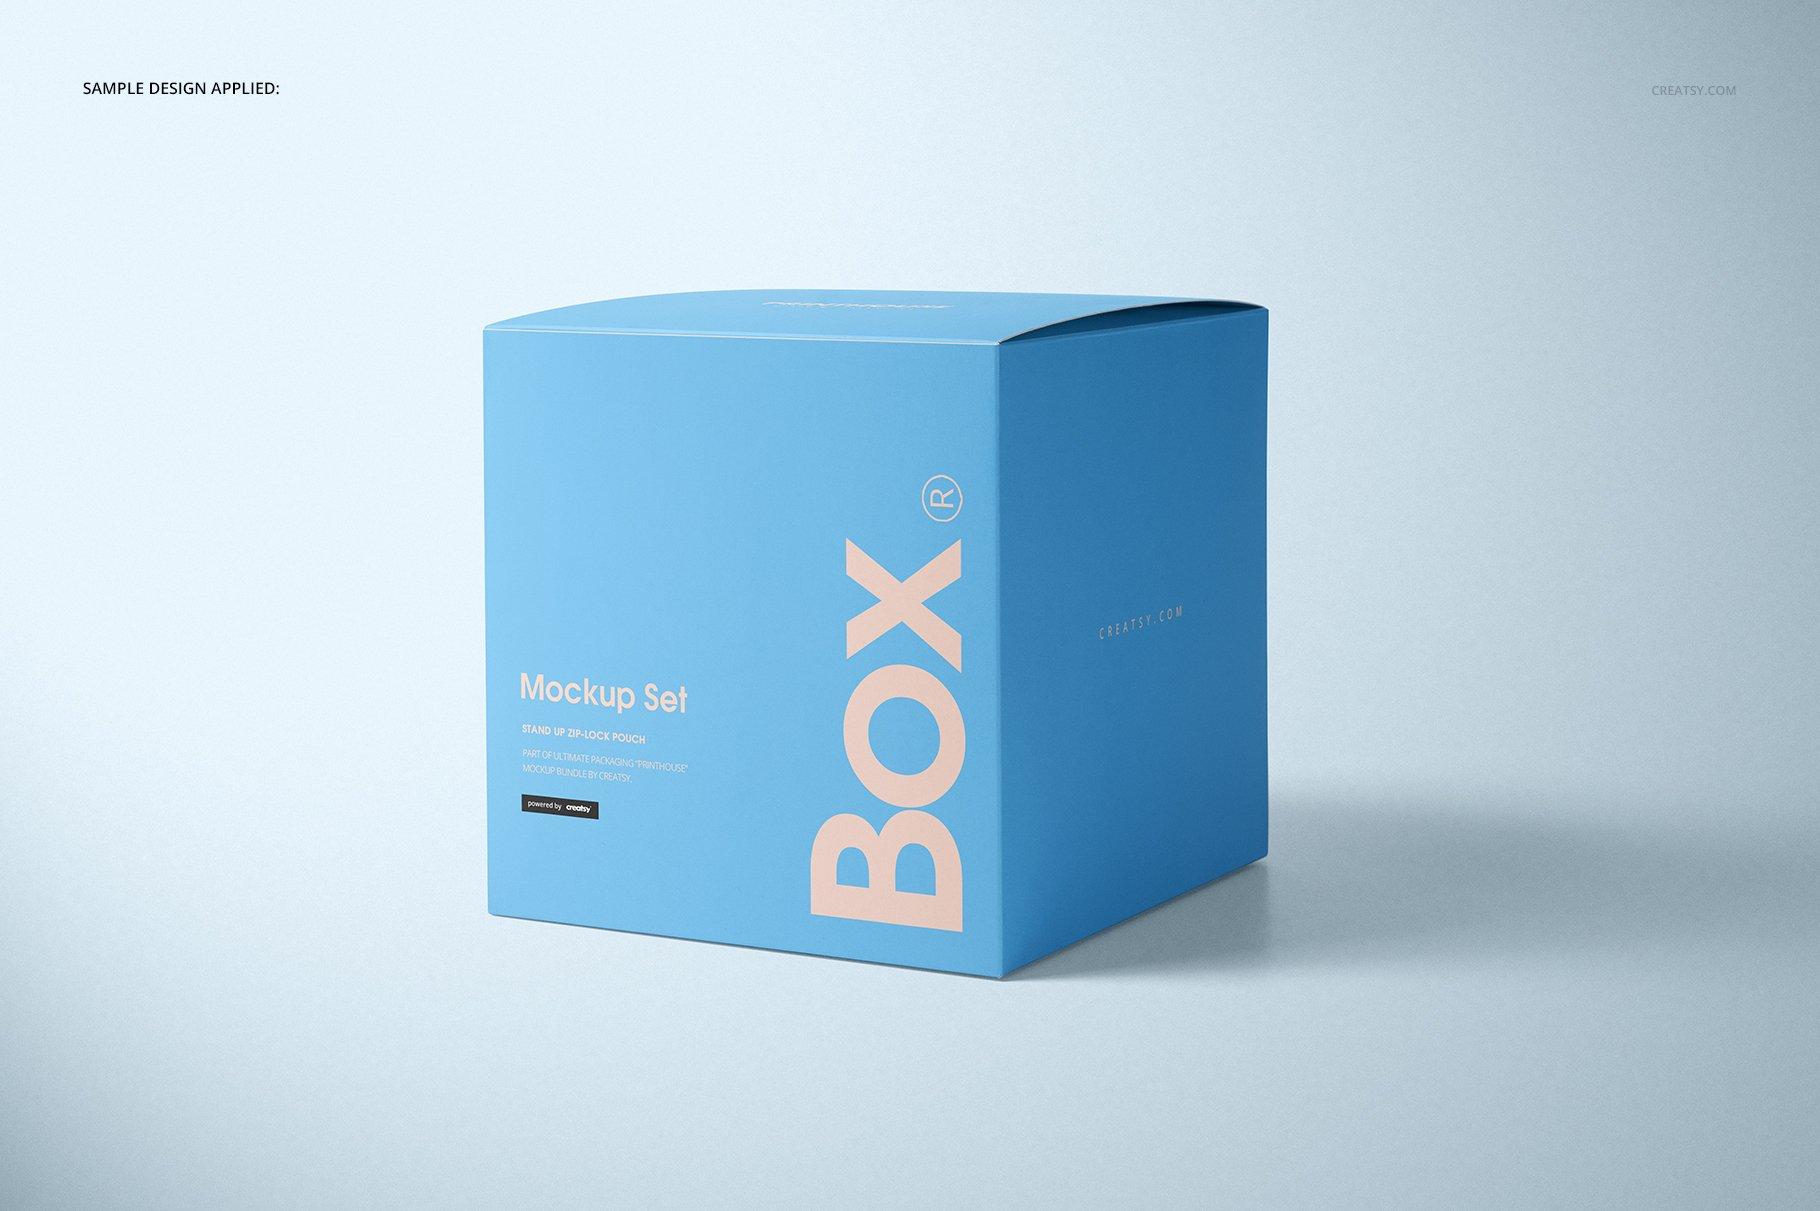 方形哑光产品礼品包装纸盒设计贴图样机套装 Matte Gift Square Box Mockup Set插图(4)